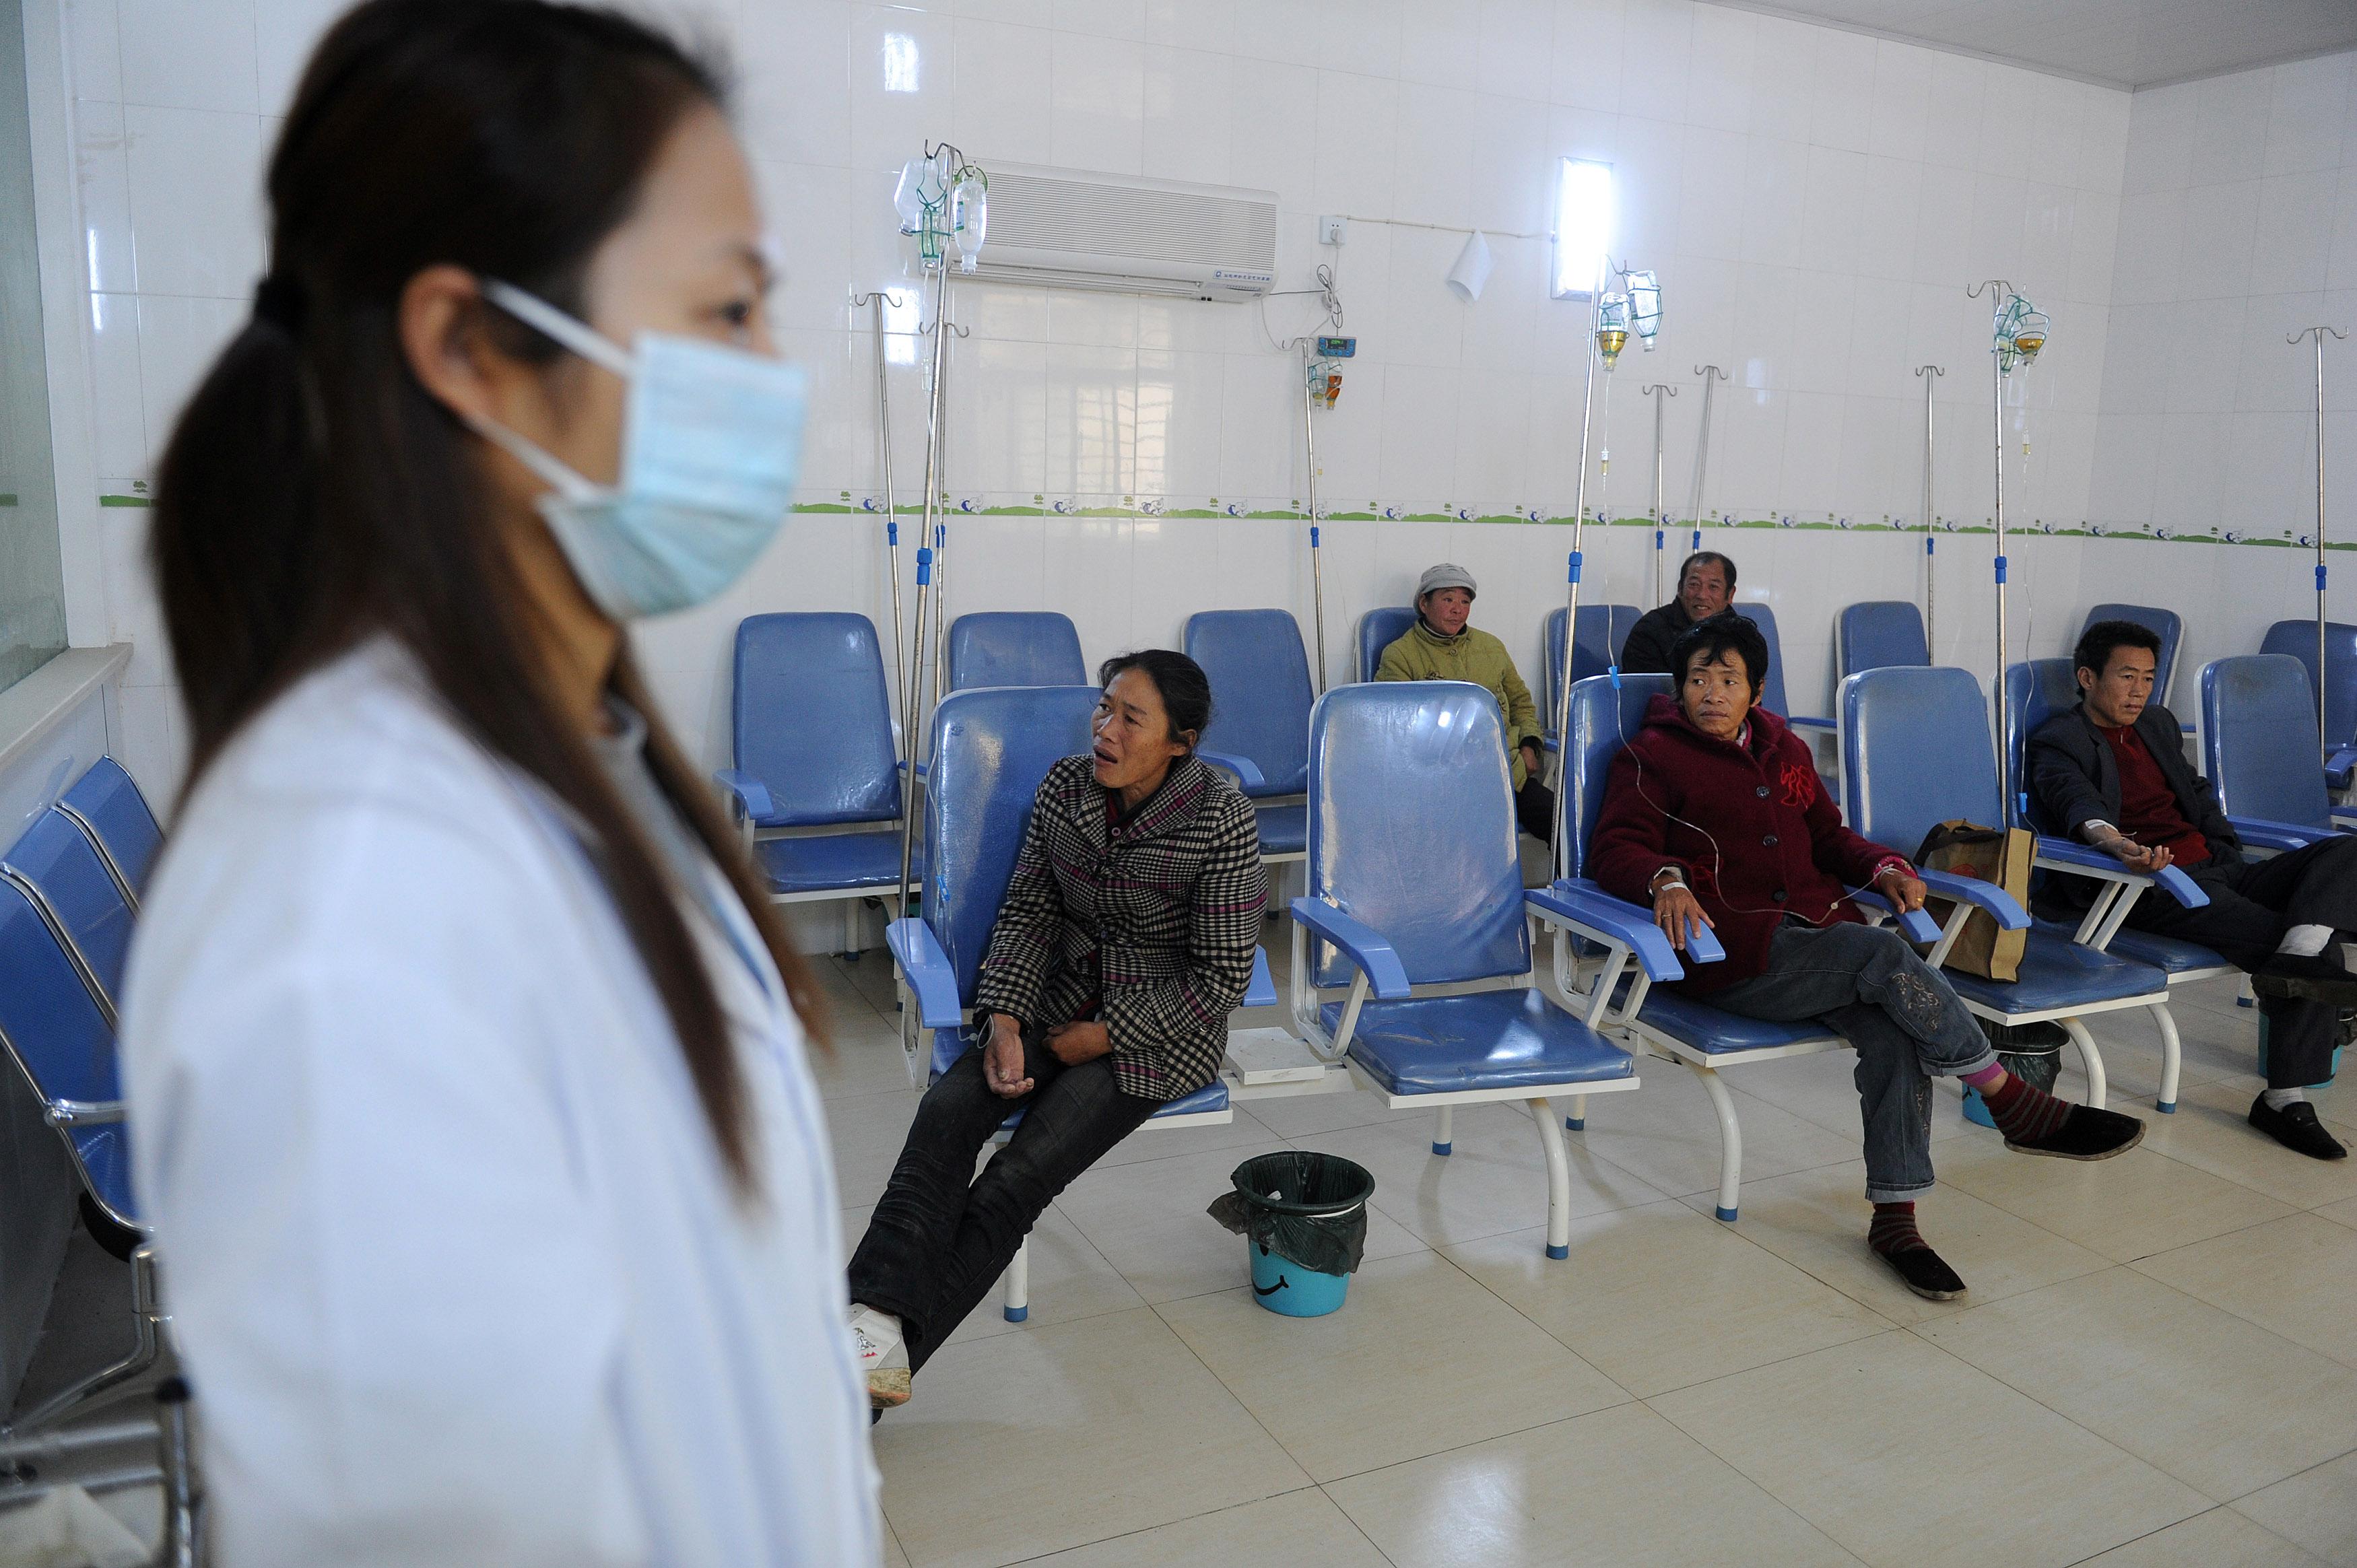 中國艾滋患者增加是因擴大檢測 專家質疑